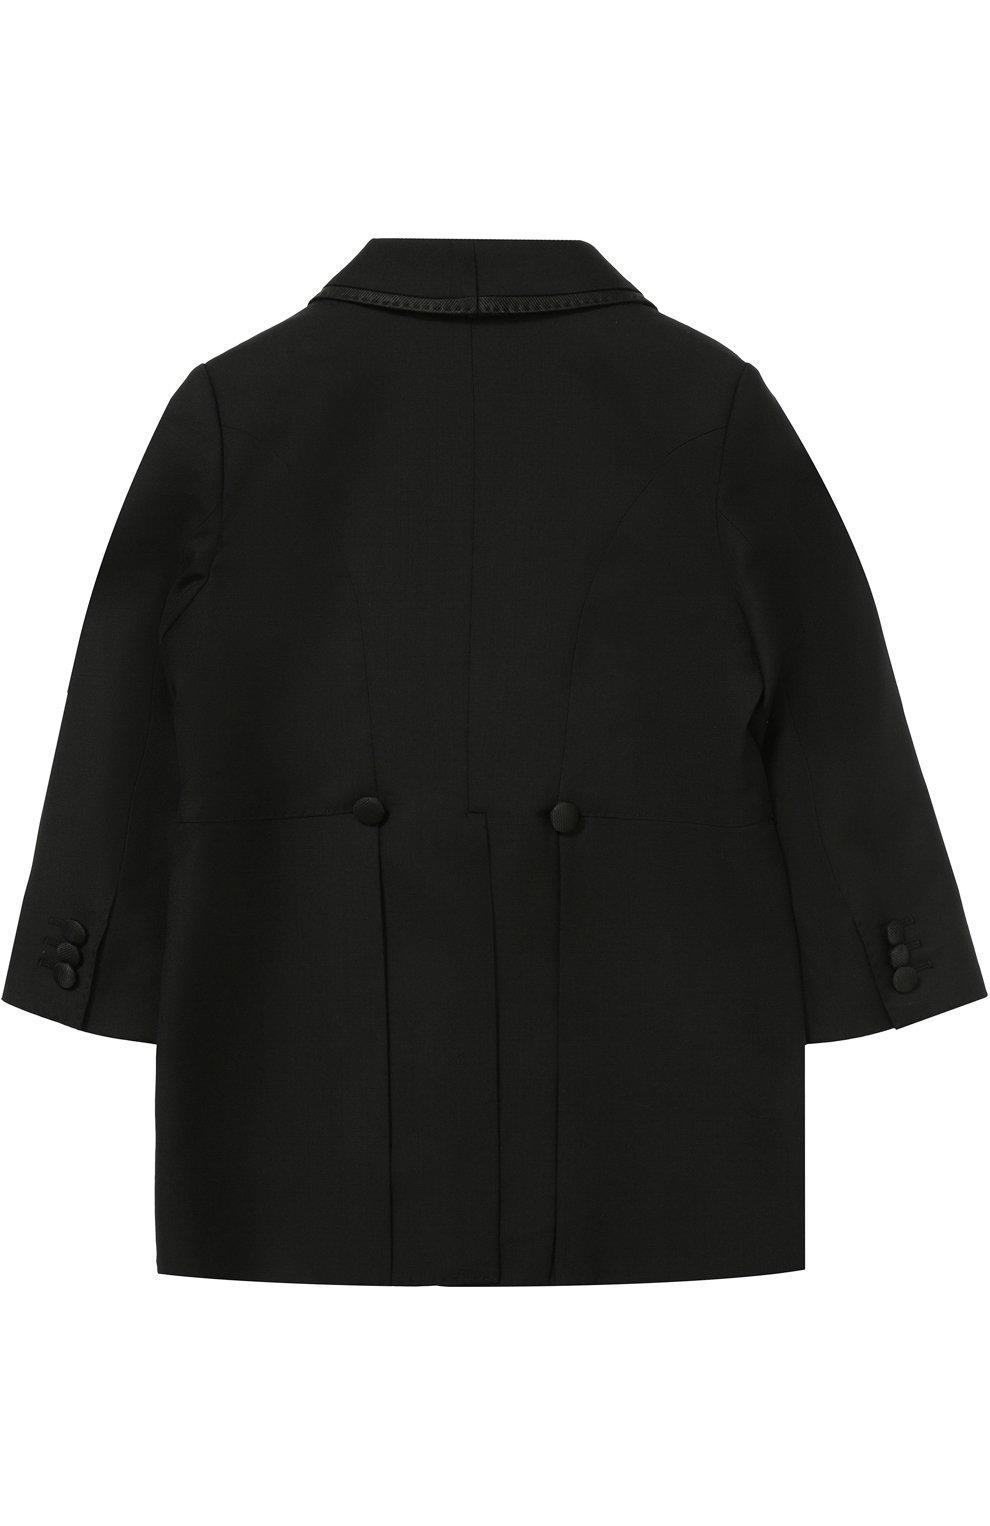 Шерстяной фрак с отделкой из шелка Dolce & Gabbana черного цвета | Фото №3